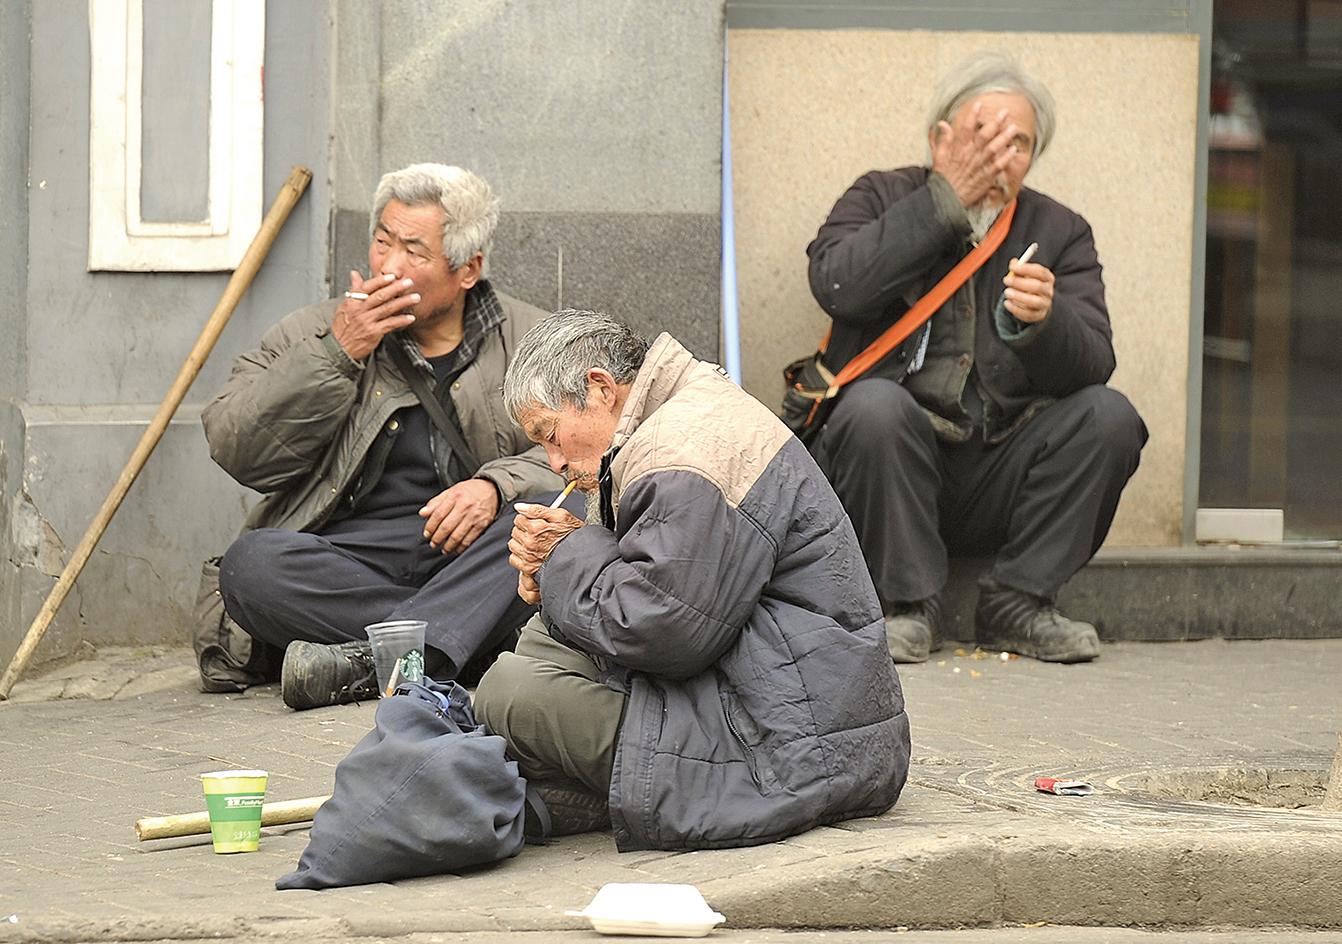 圖為在上海的一條街上,三位老年人正在吸煙。(AFP/GettyImages)